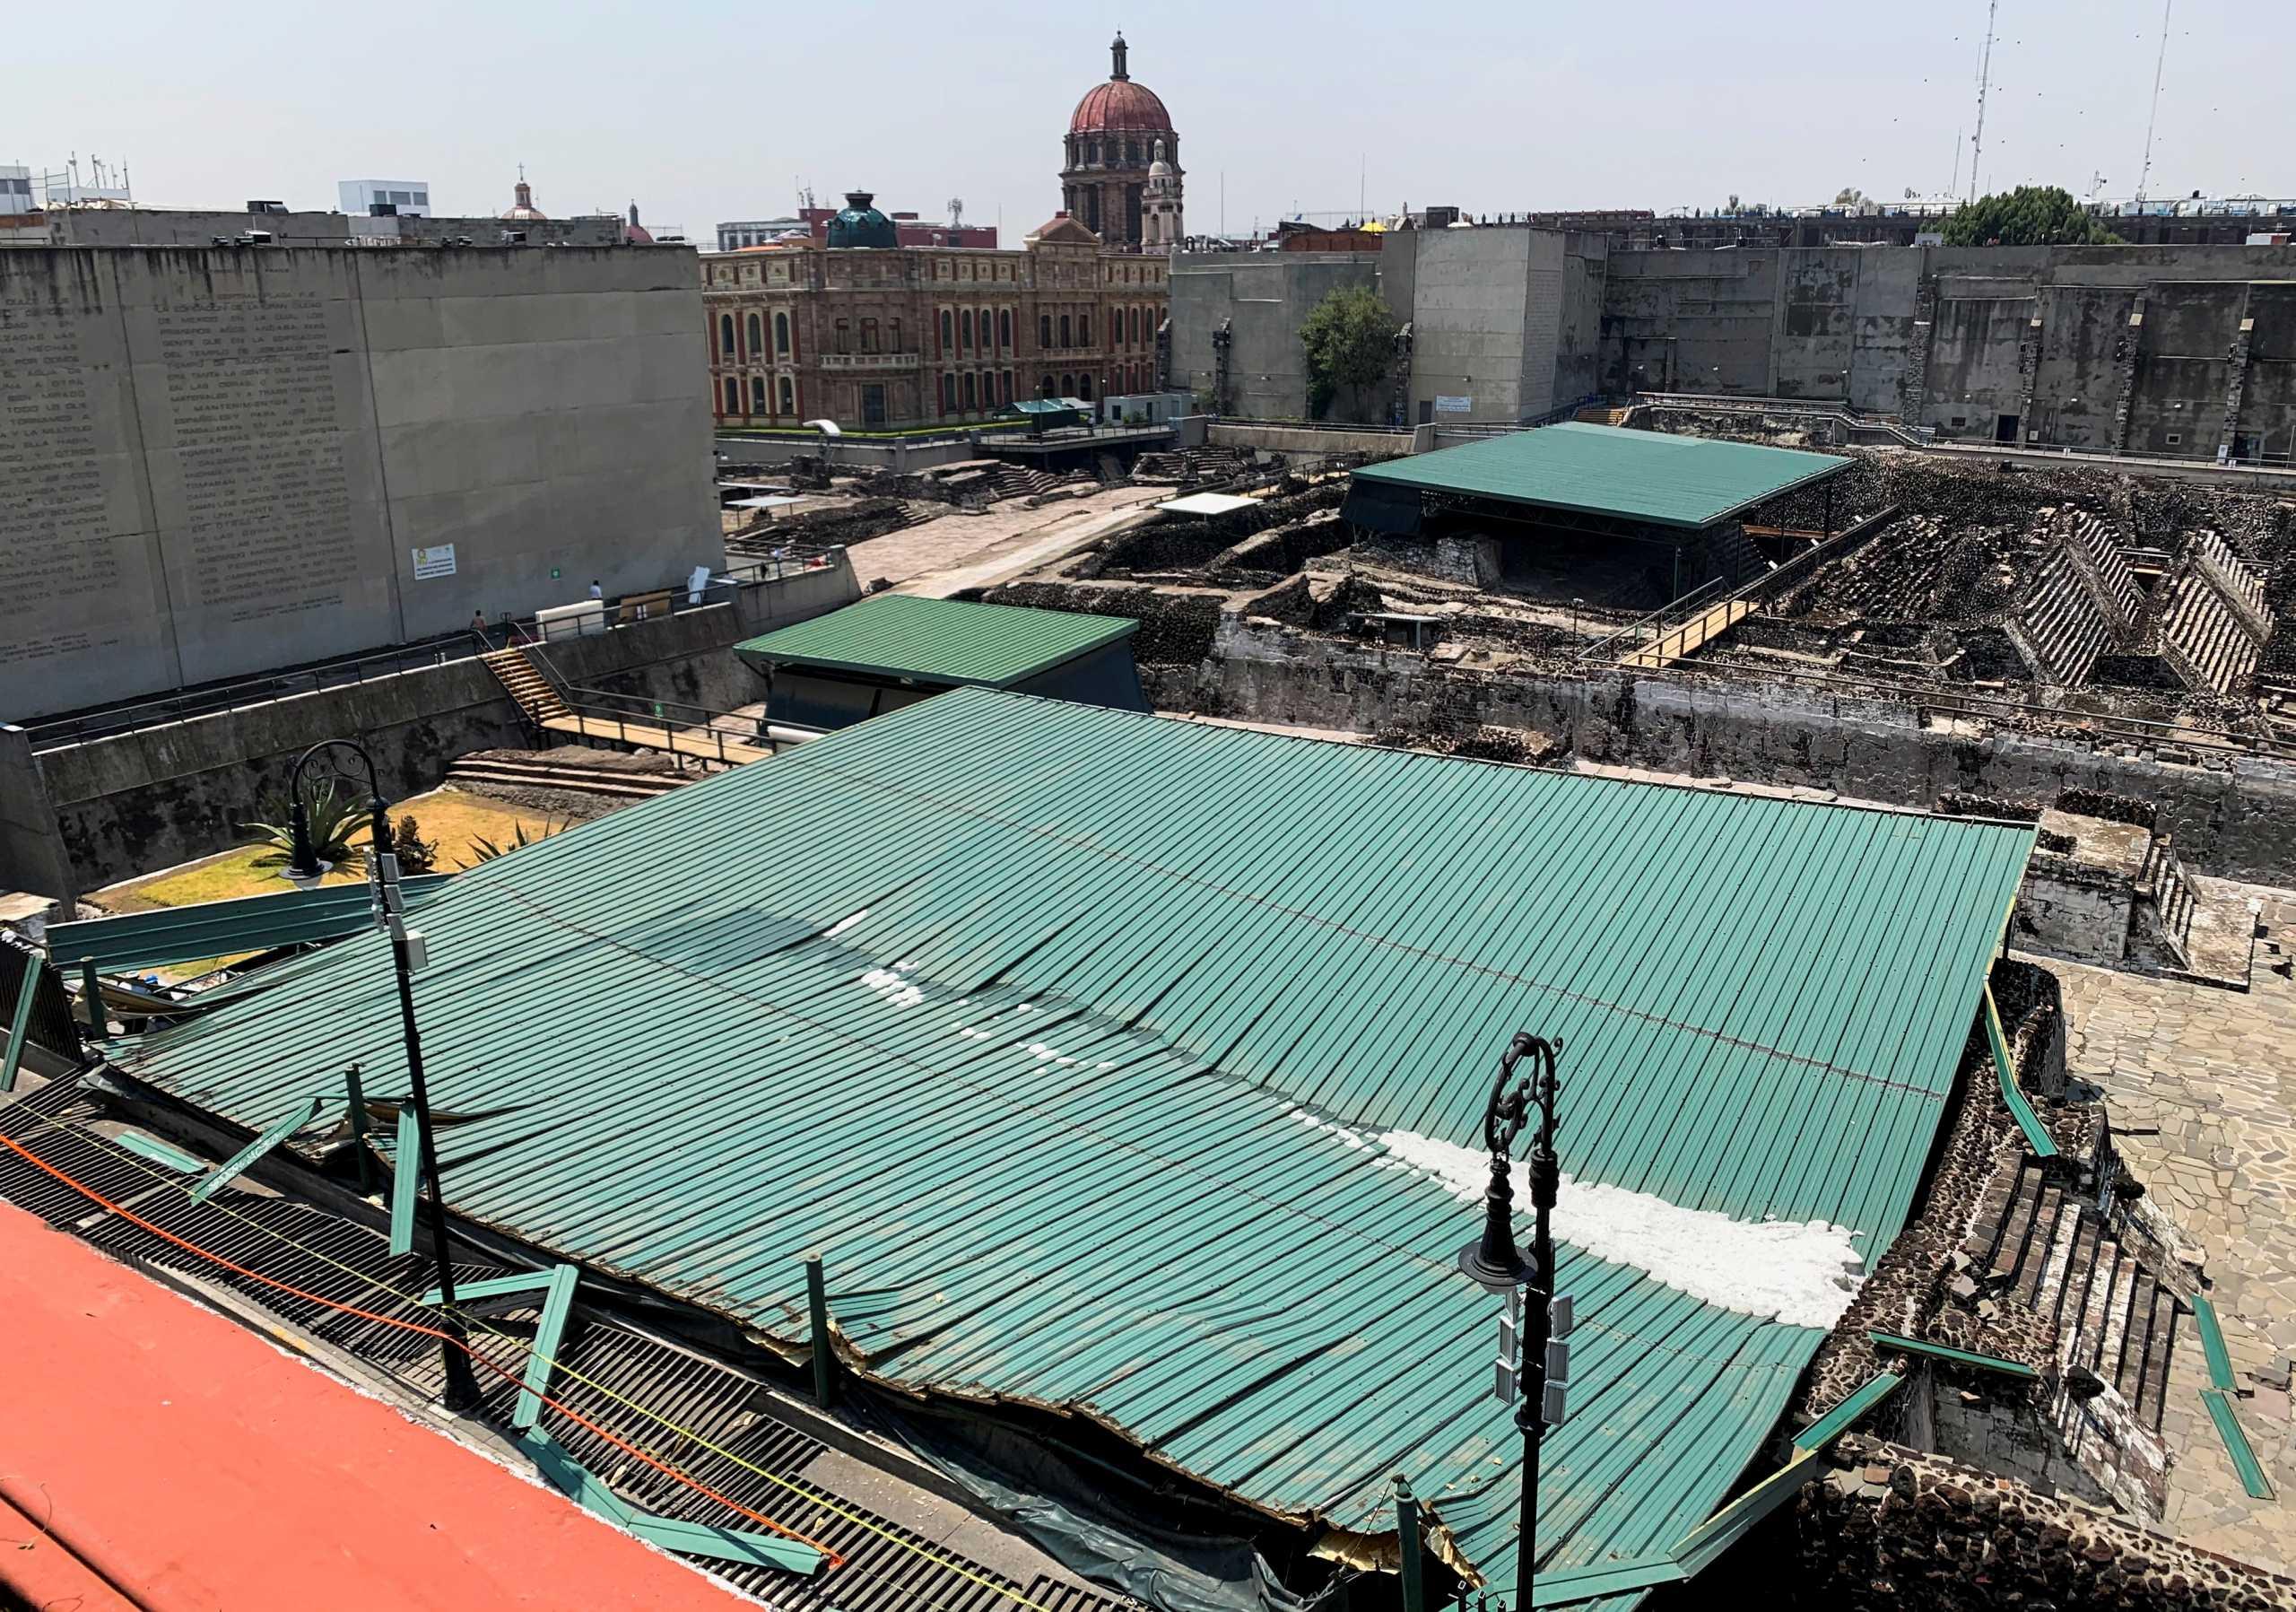 Μεξικό: Η στέγη που προστάτευε τον σημαντικότερο ναό των Αζτέκων κατέρρευσε από χαλάζι